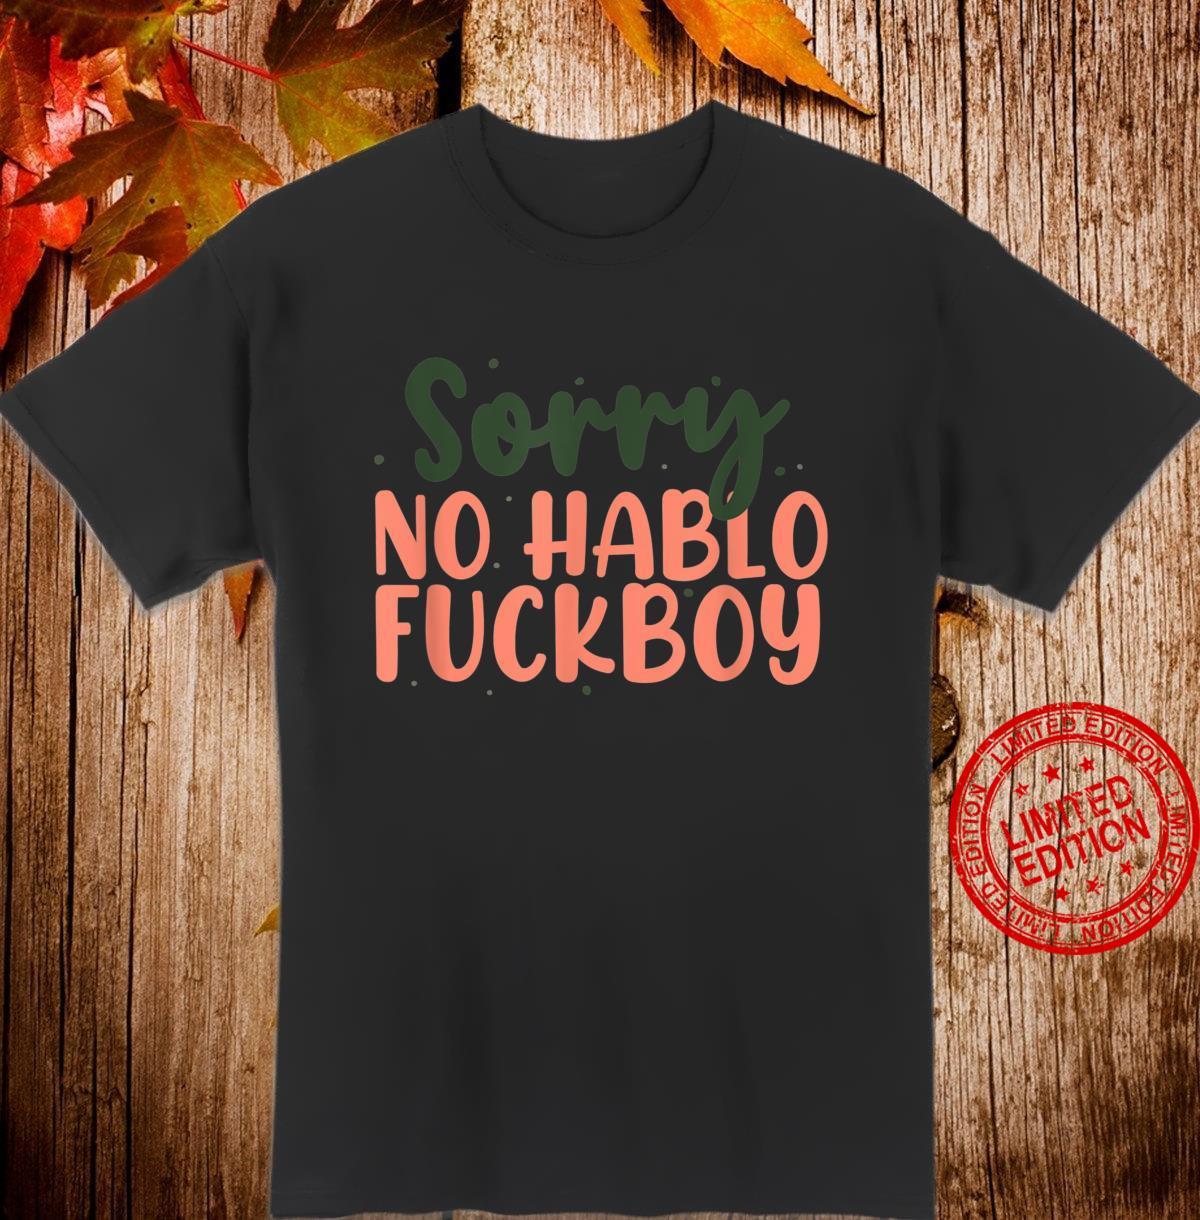 Sorry No Hablo Fuckboy Shirt